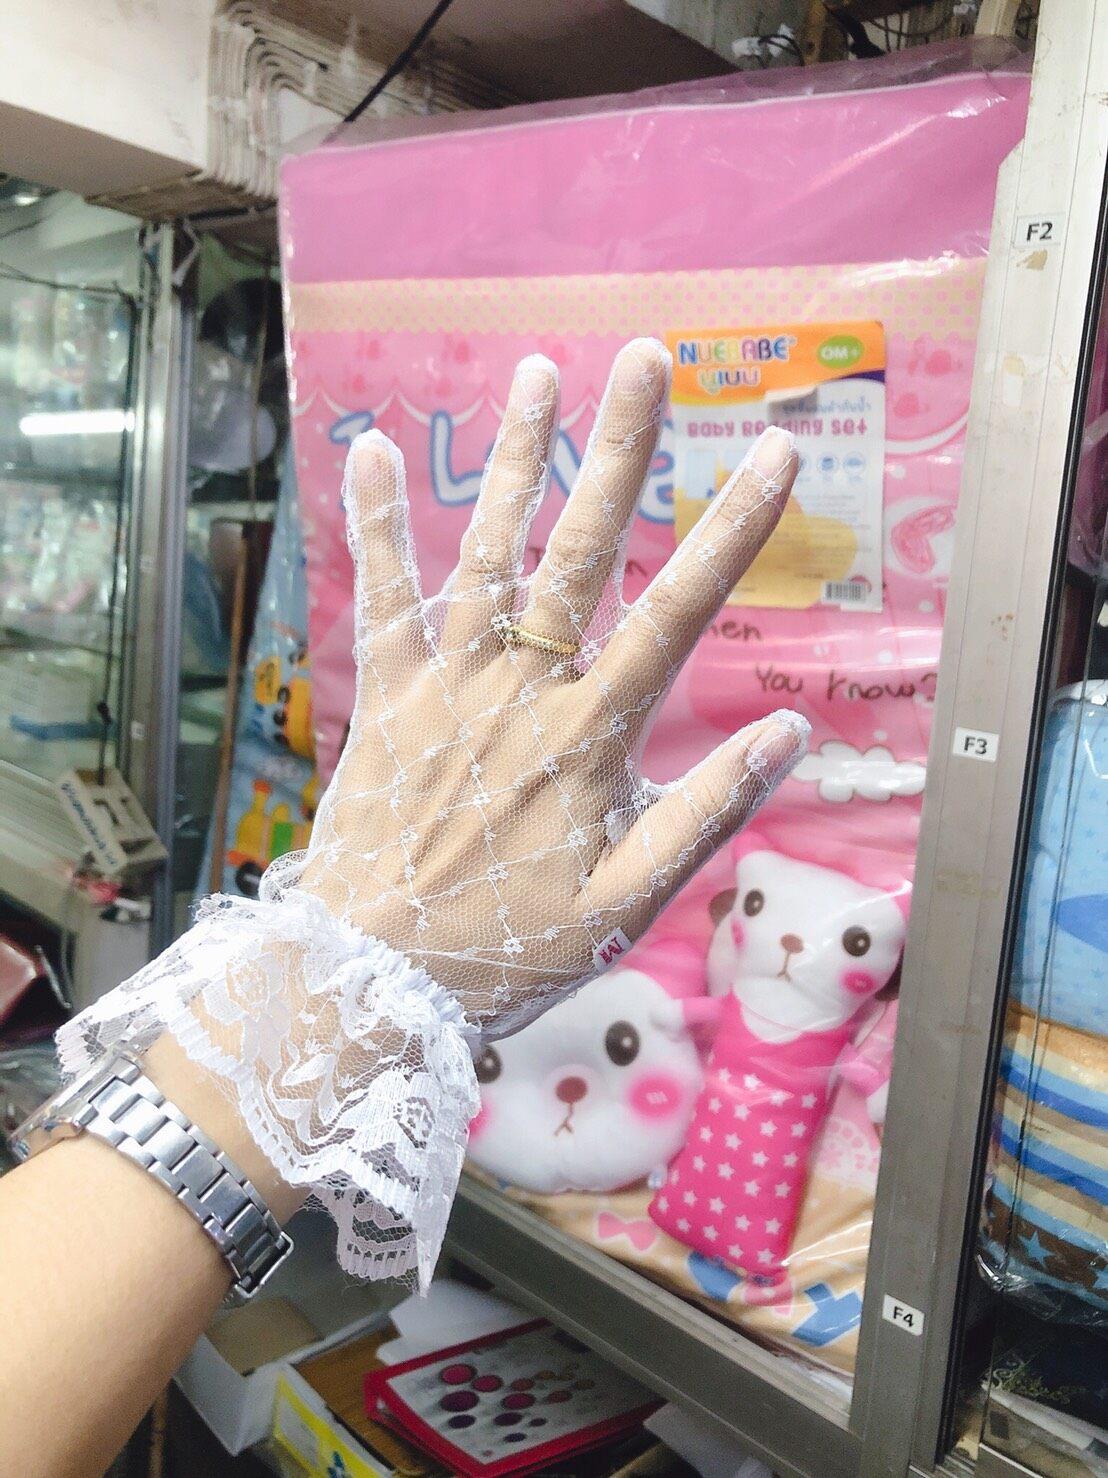 ถุงมือลูกไม้ตาข่าย สำหรับเด็ก-ผู้ใหญ่ เลือกไซต์เลือกสีได้ (มีการรับประกันจากผุ้ขาย มีบริการเก็บเงินปลายทาง).